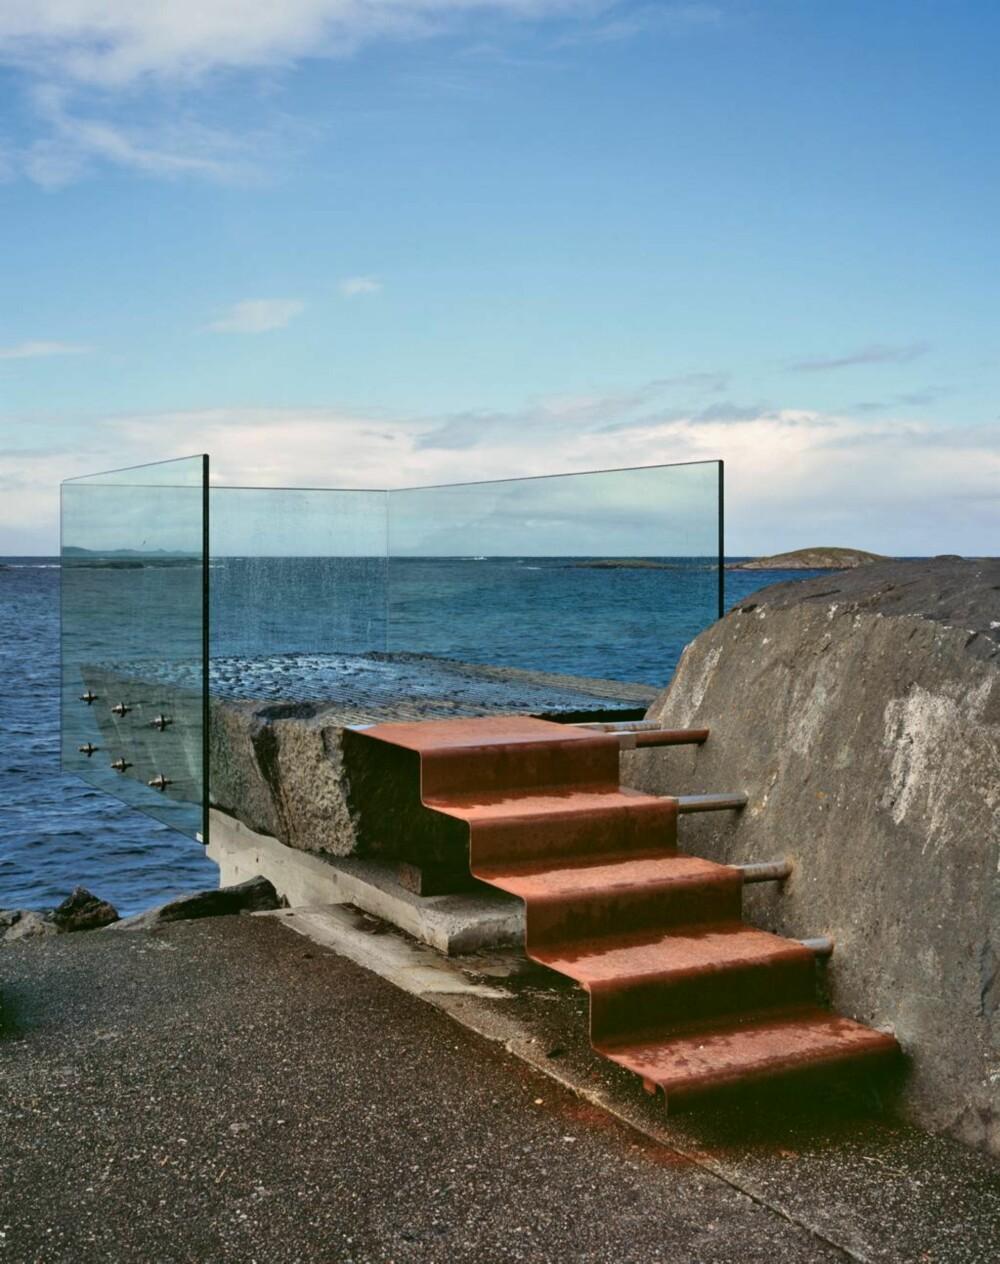 Askvågen utsiktspunkt, signert 3 RW Arkitekter. Den stilige glassboksen ligger ytterst på en molo ved en aktiv havn og beskytter mot vær og bølgesprut. Denne plassen er også planlagt utstillingspunkt for et kunstverk av internasjonal klasse.